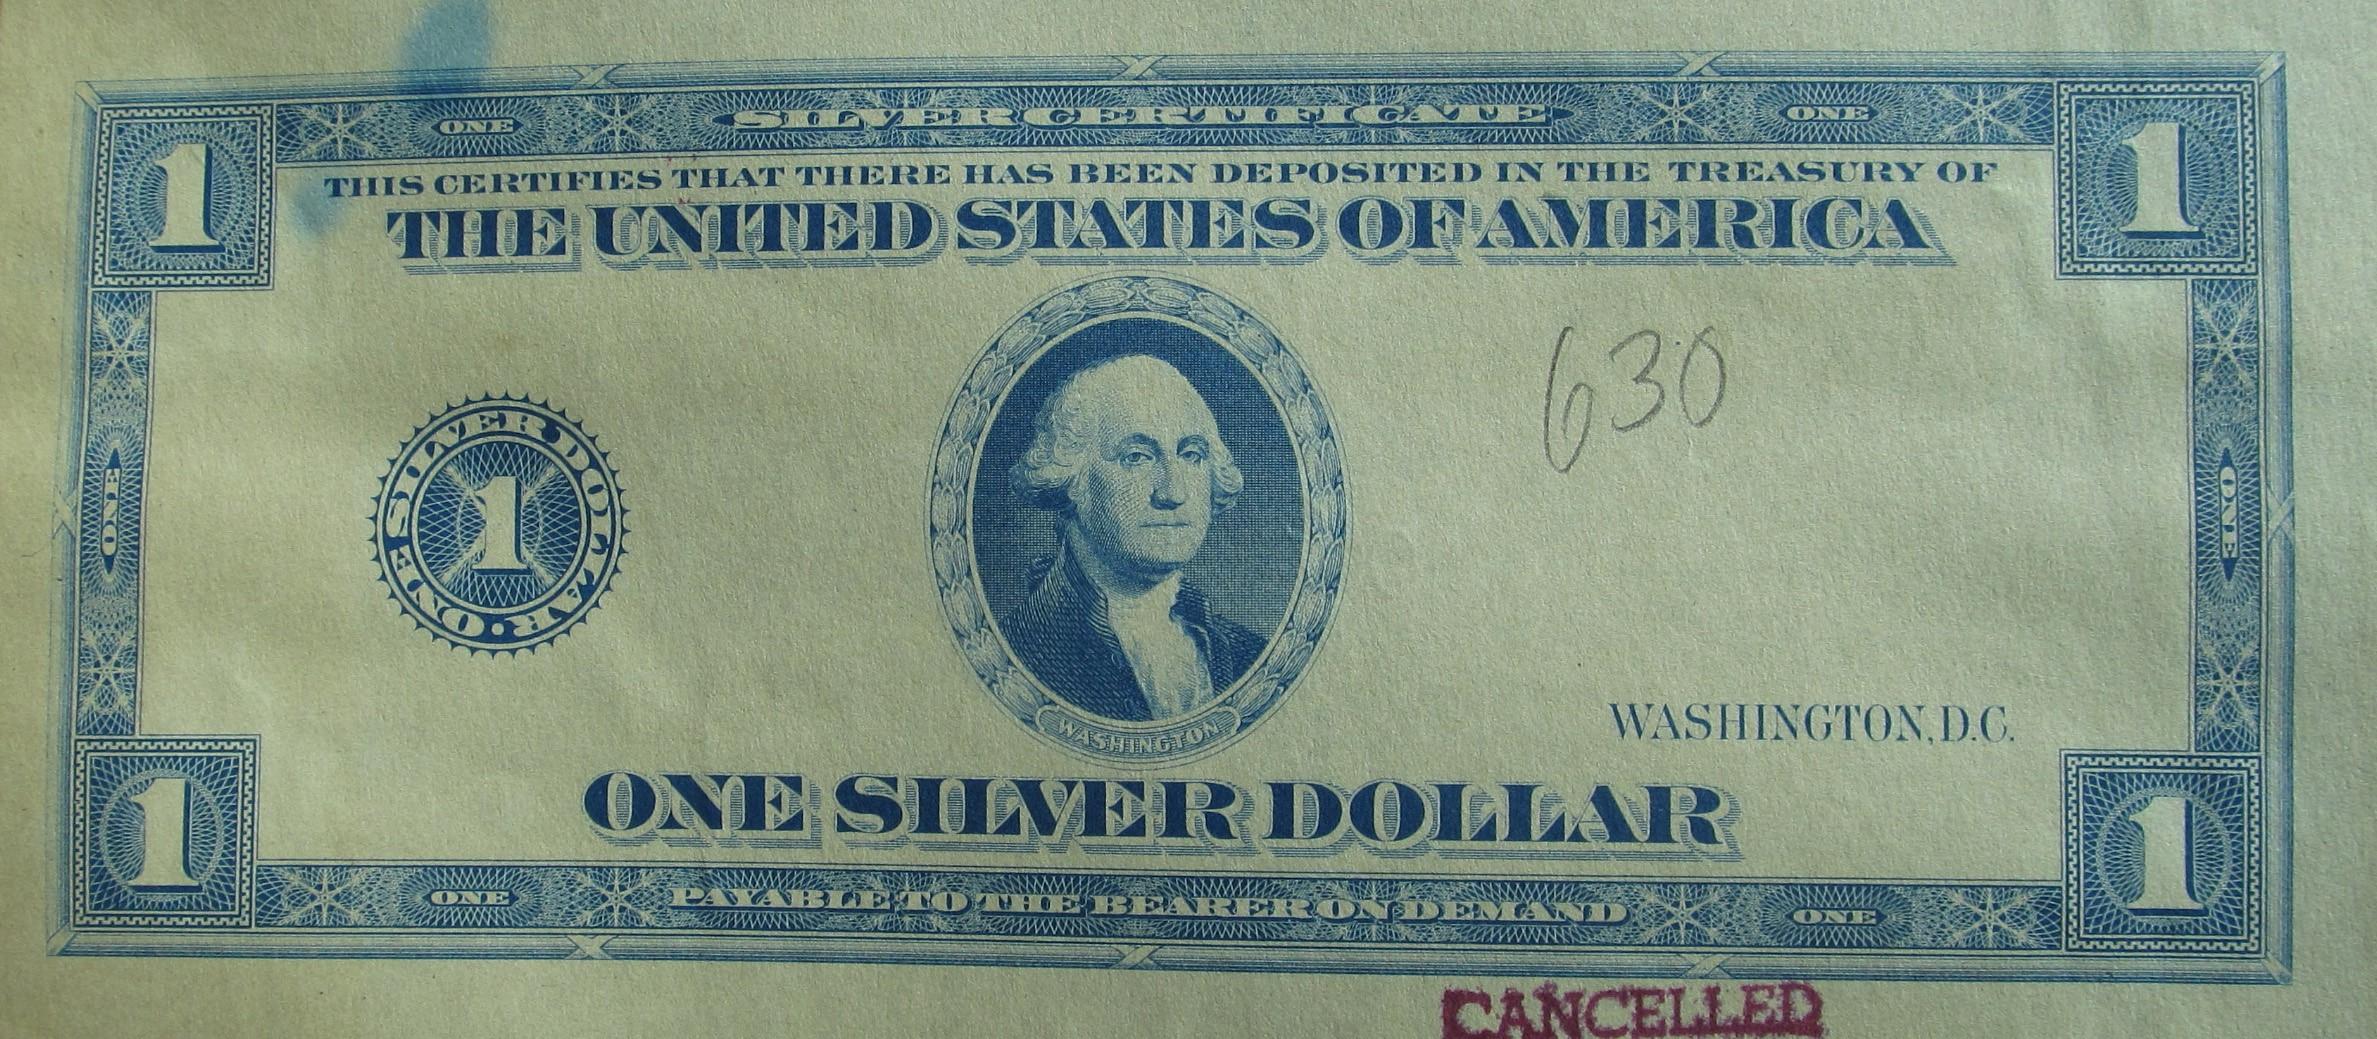 SC-no date-$1 face #1.jpg